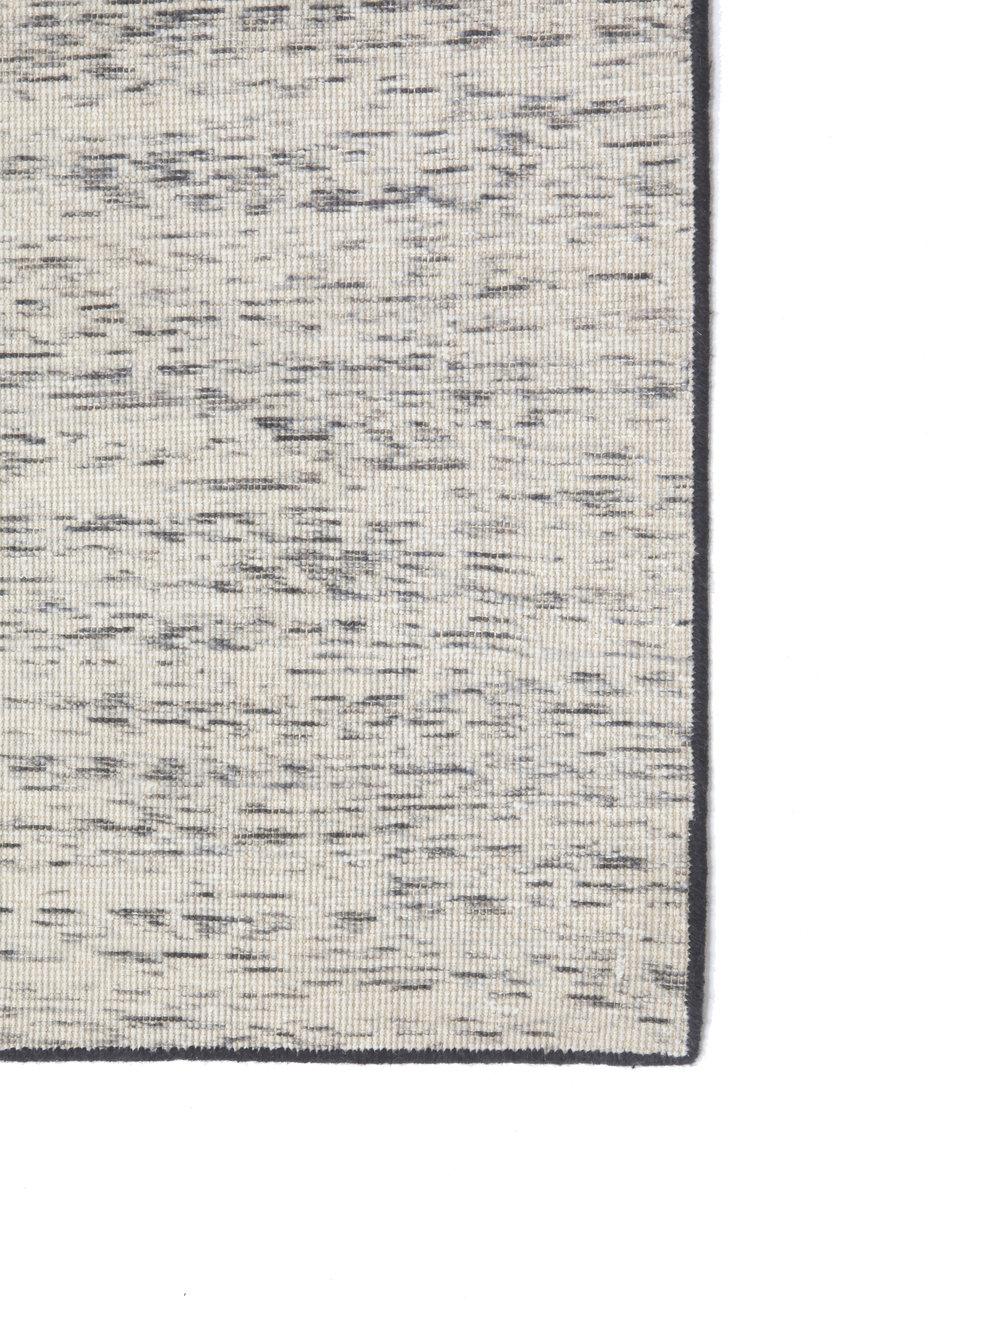 FELLS-ANDES-TILKKA-RUG-DETAIL-MERINO-HI-RES-WHITE.jpg